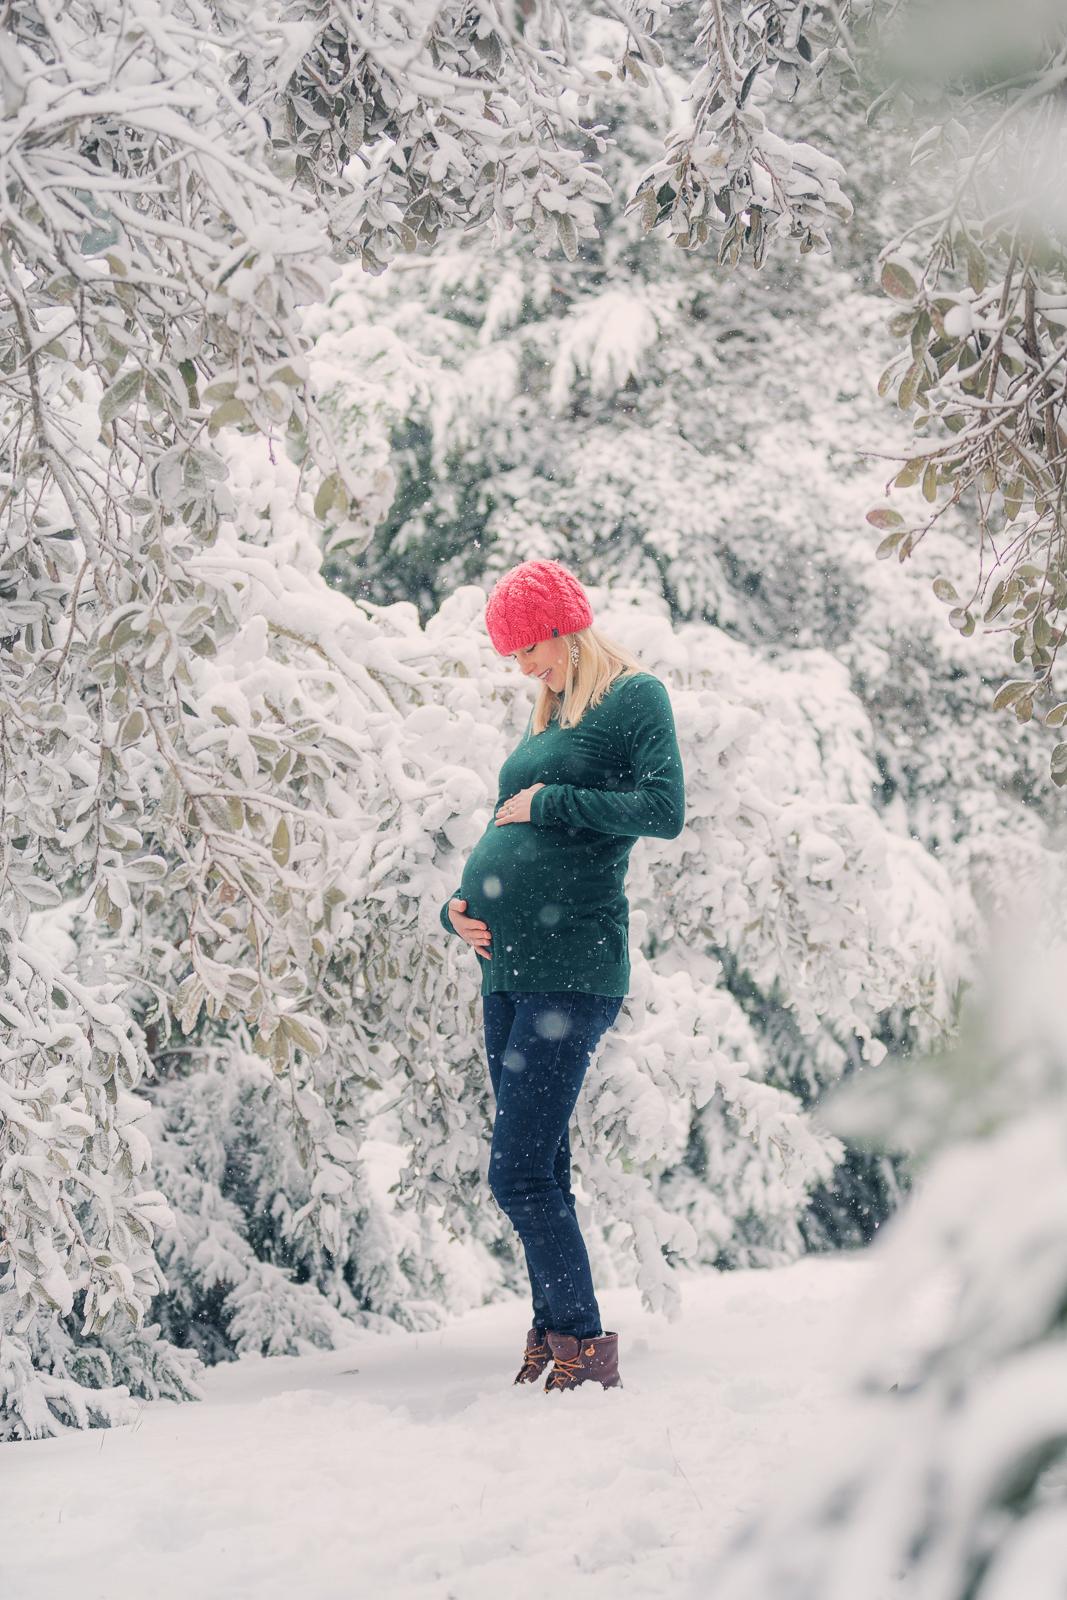 010418-Snow-0200.jpg